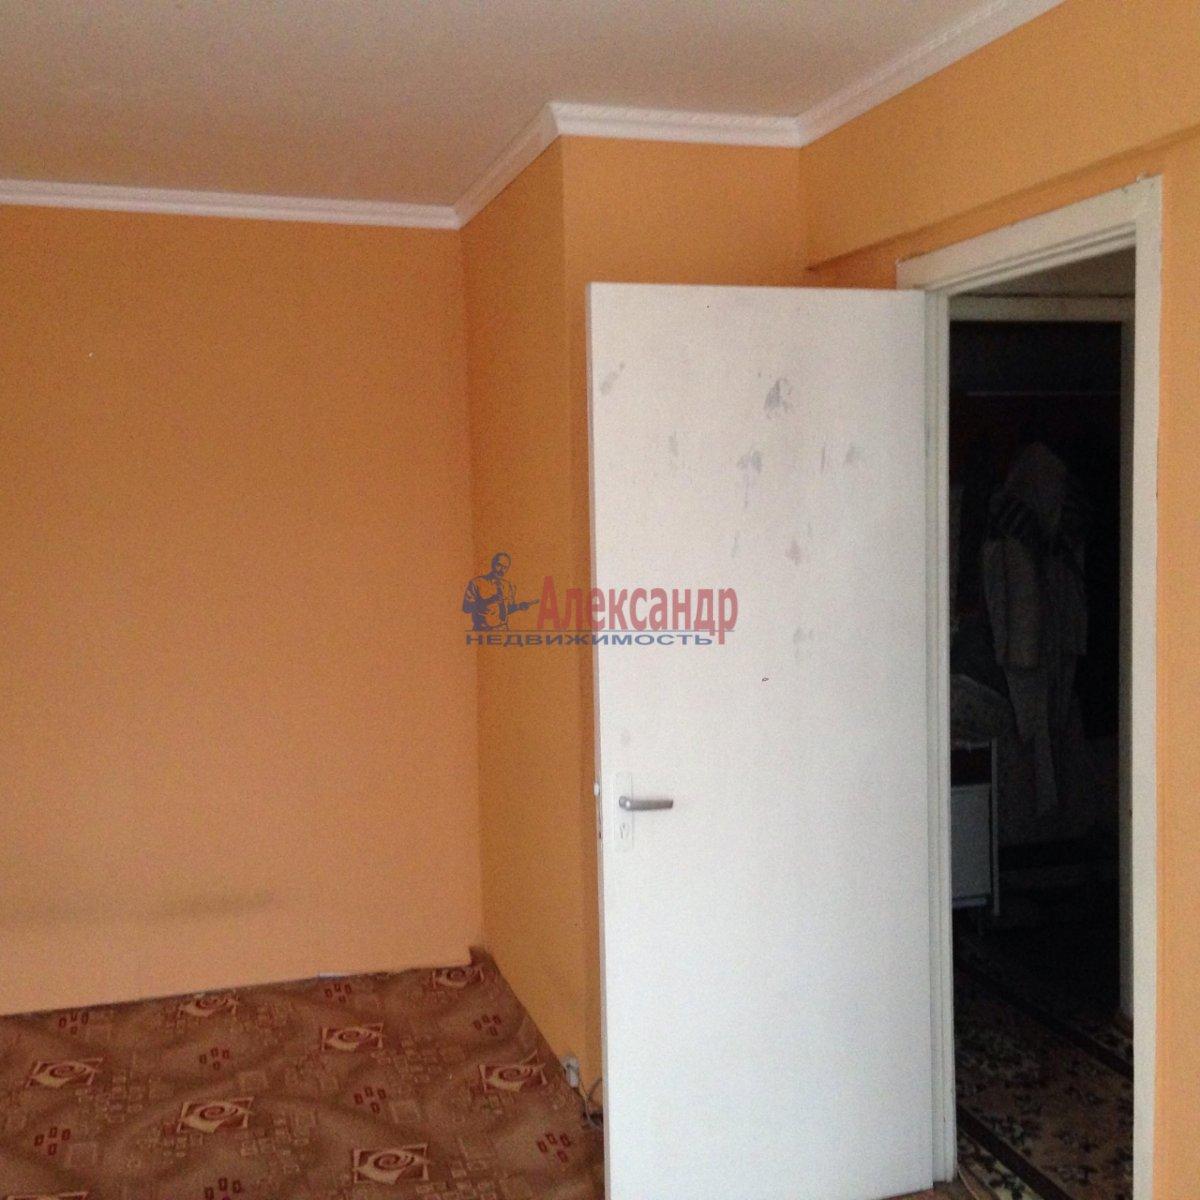 1-комнатная квартира (36м2) в аренду по адресу Карпинского ул., 31— фото 3 из 7